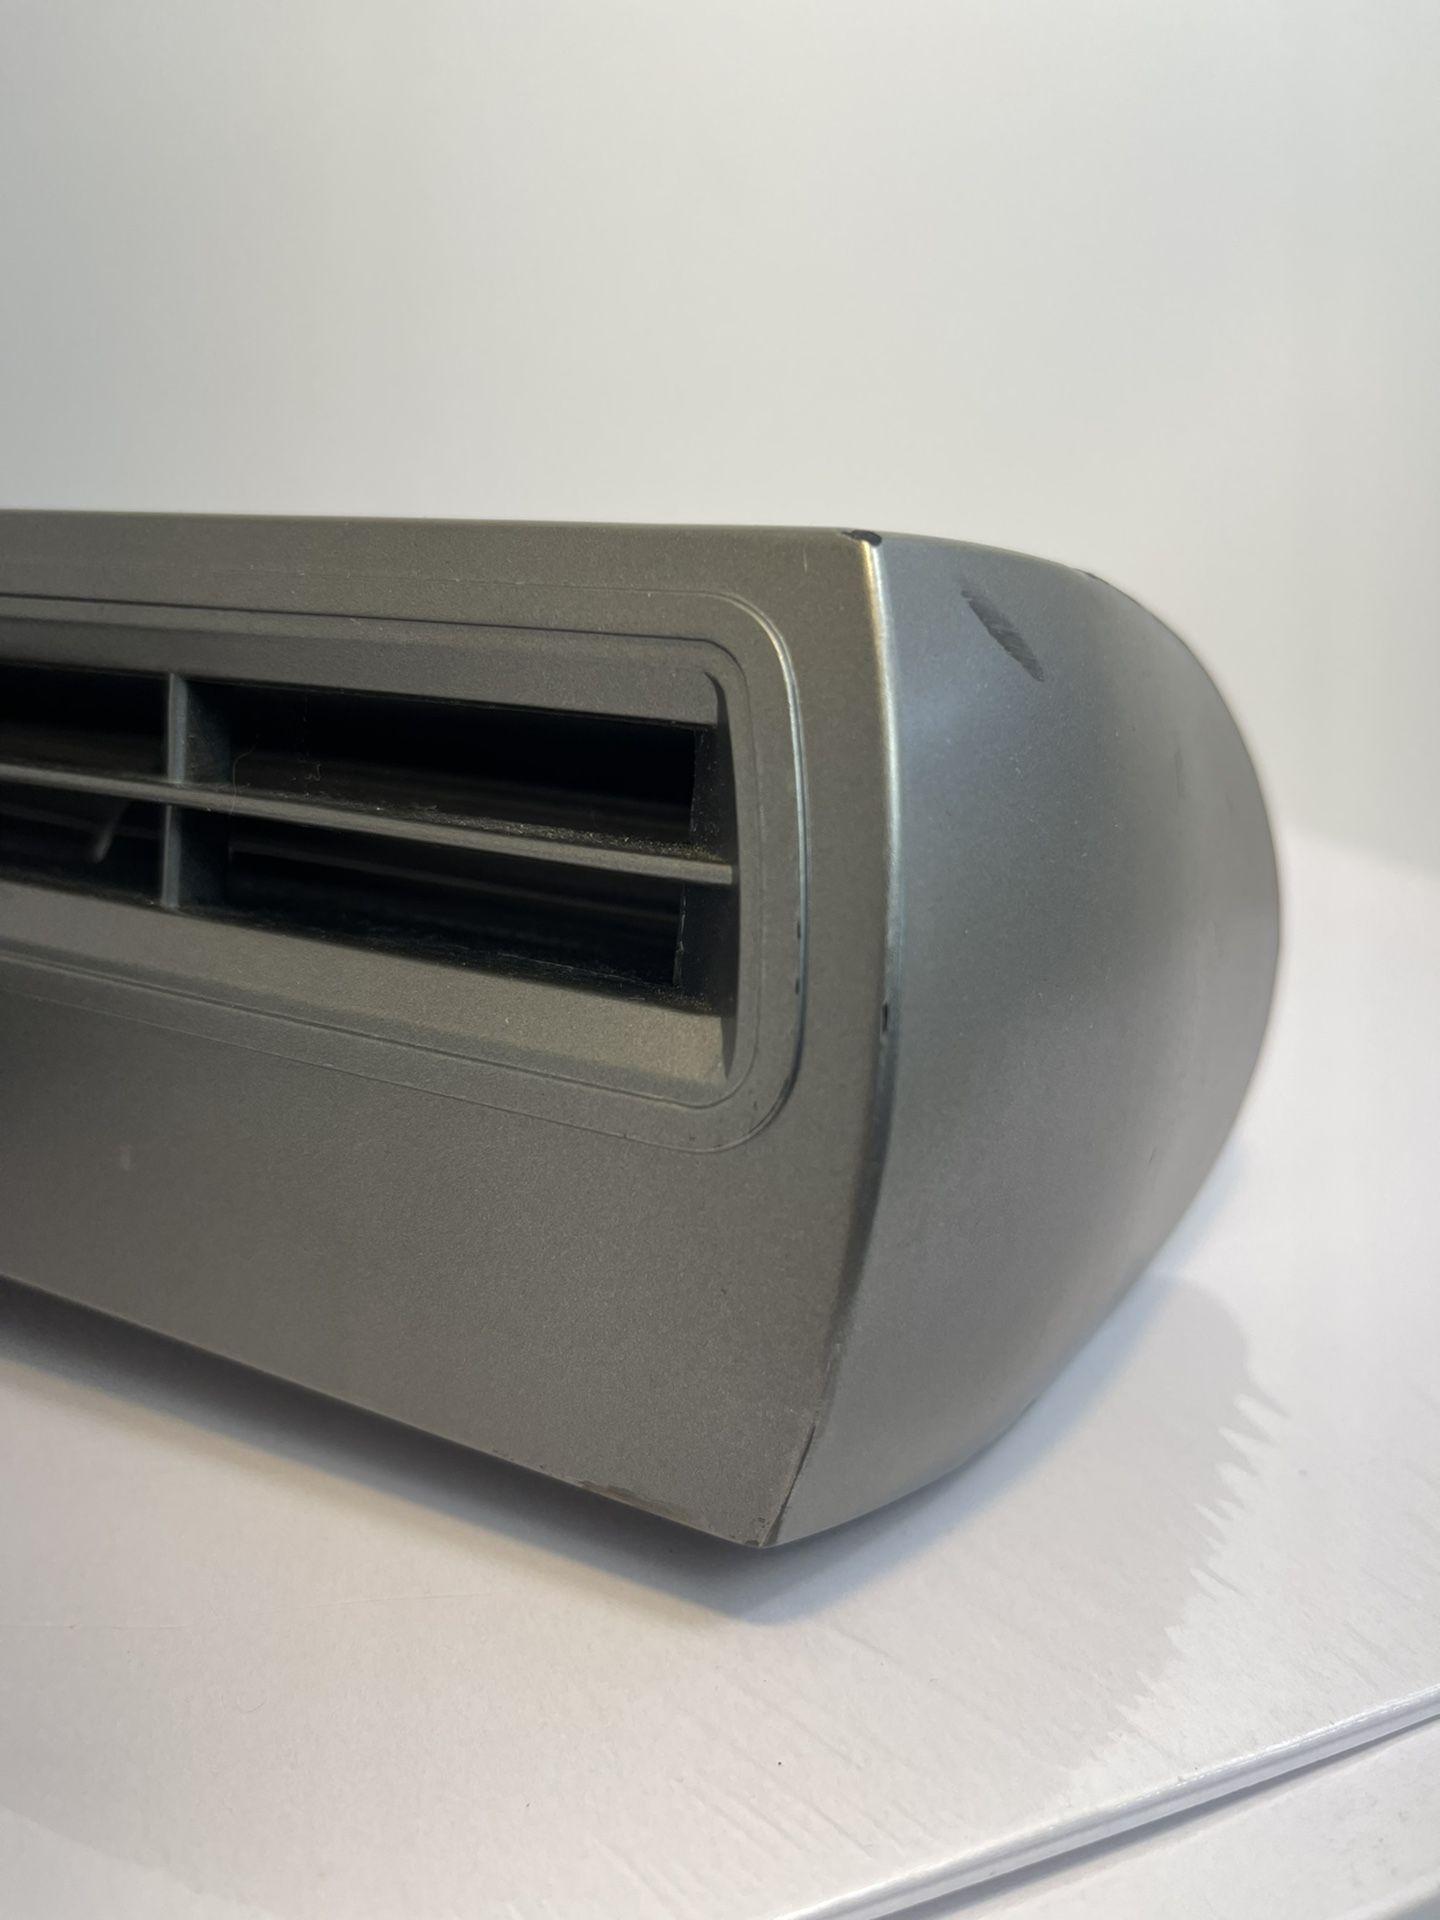 Lasko Desk Fan